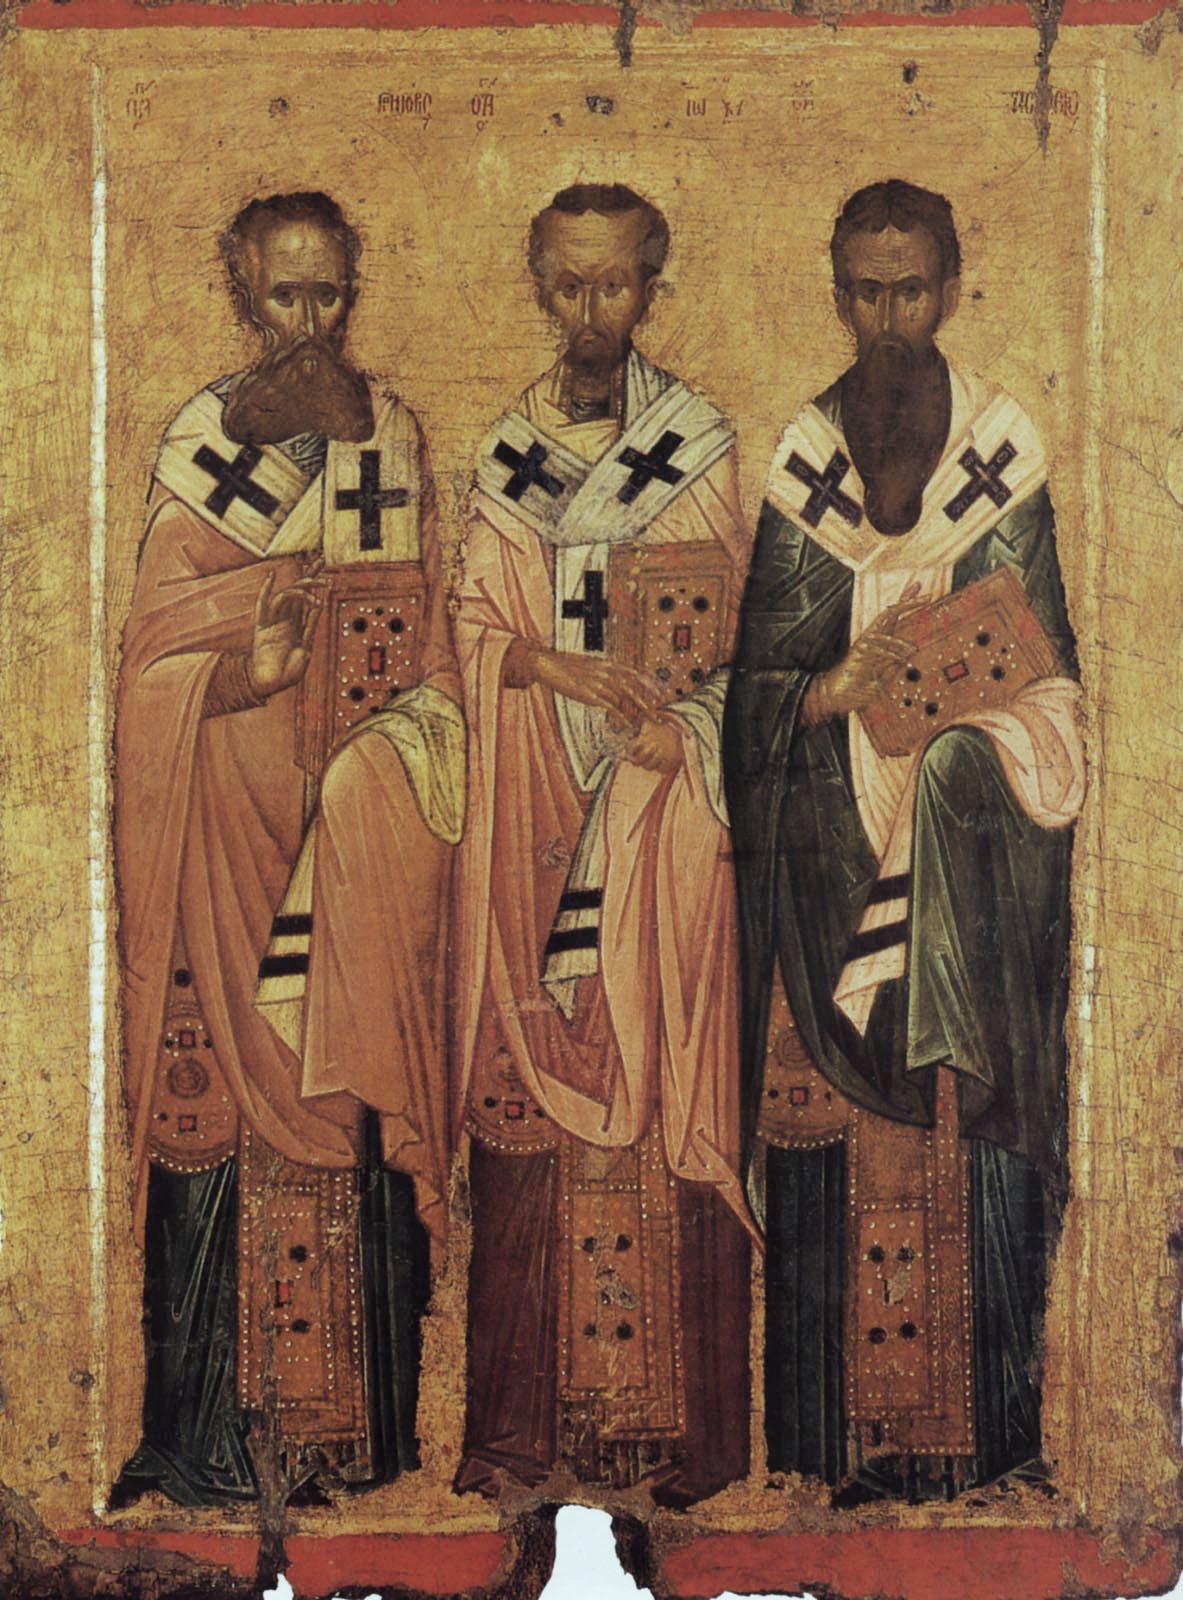 Икона Вселенские учители. Византия, XIV в. Византийский музей, Афины